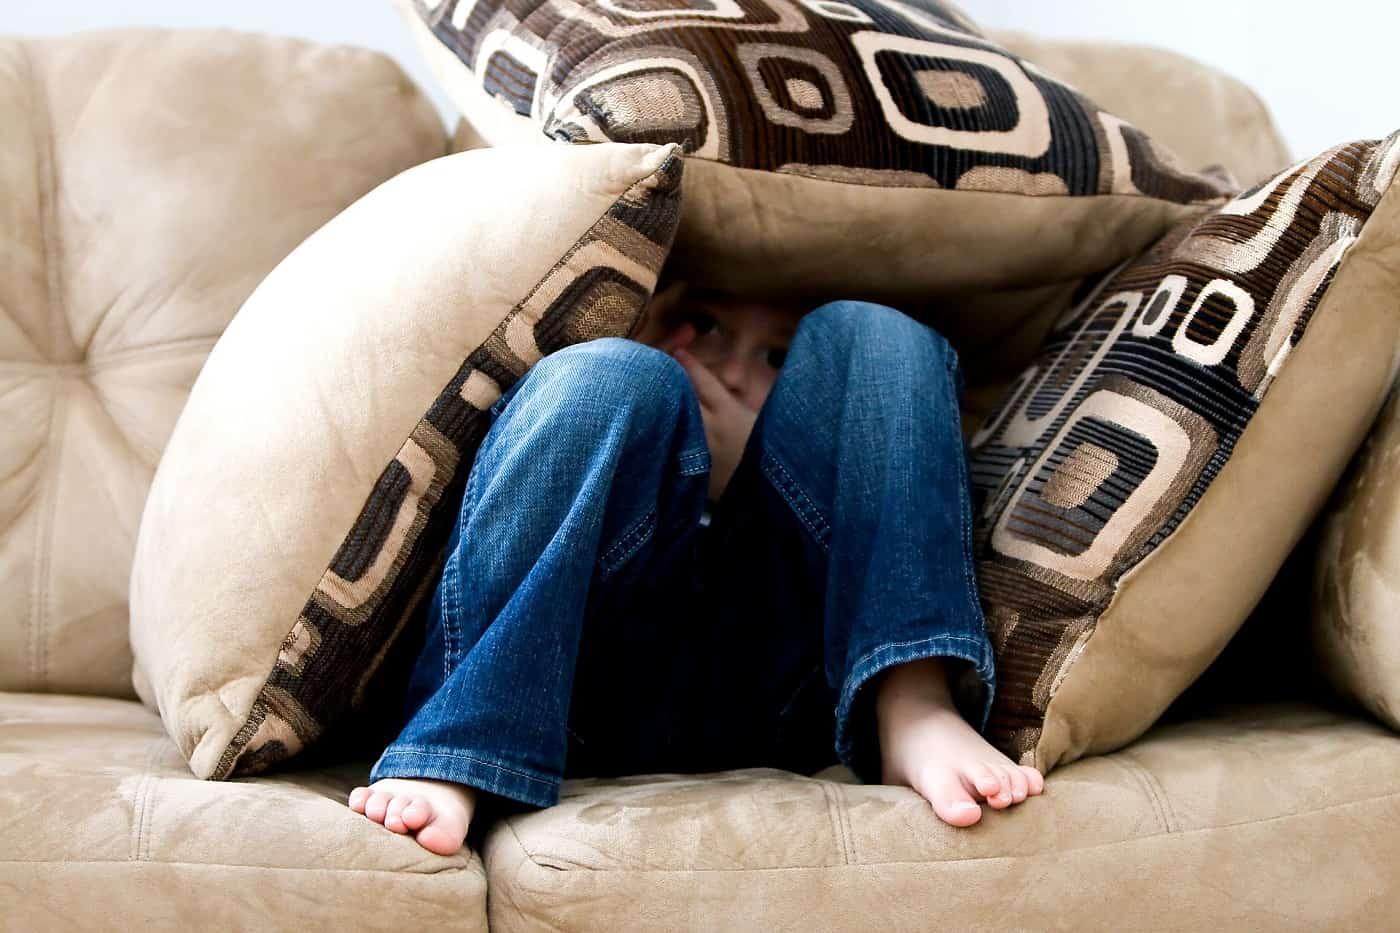 Little boy hiding under throw pillows - Family myths